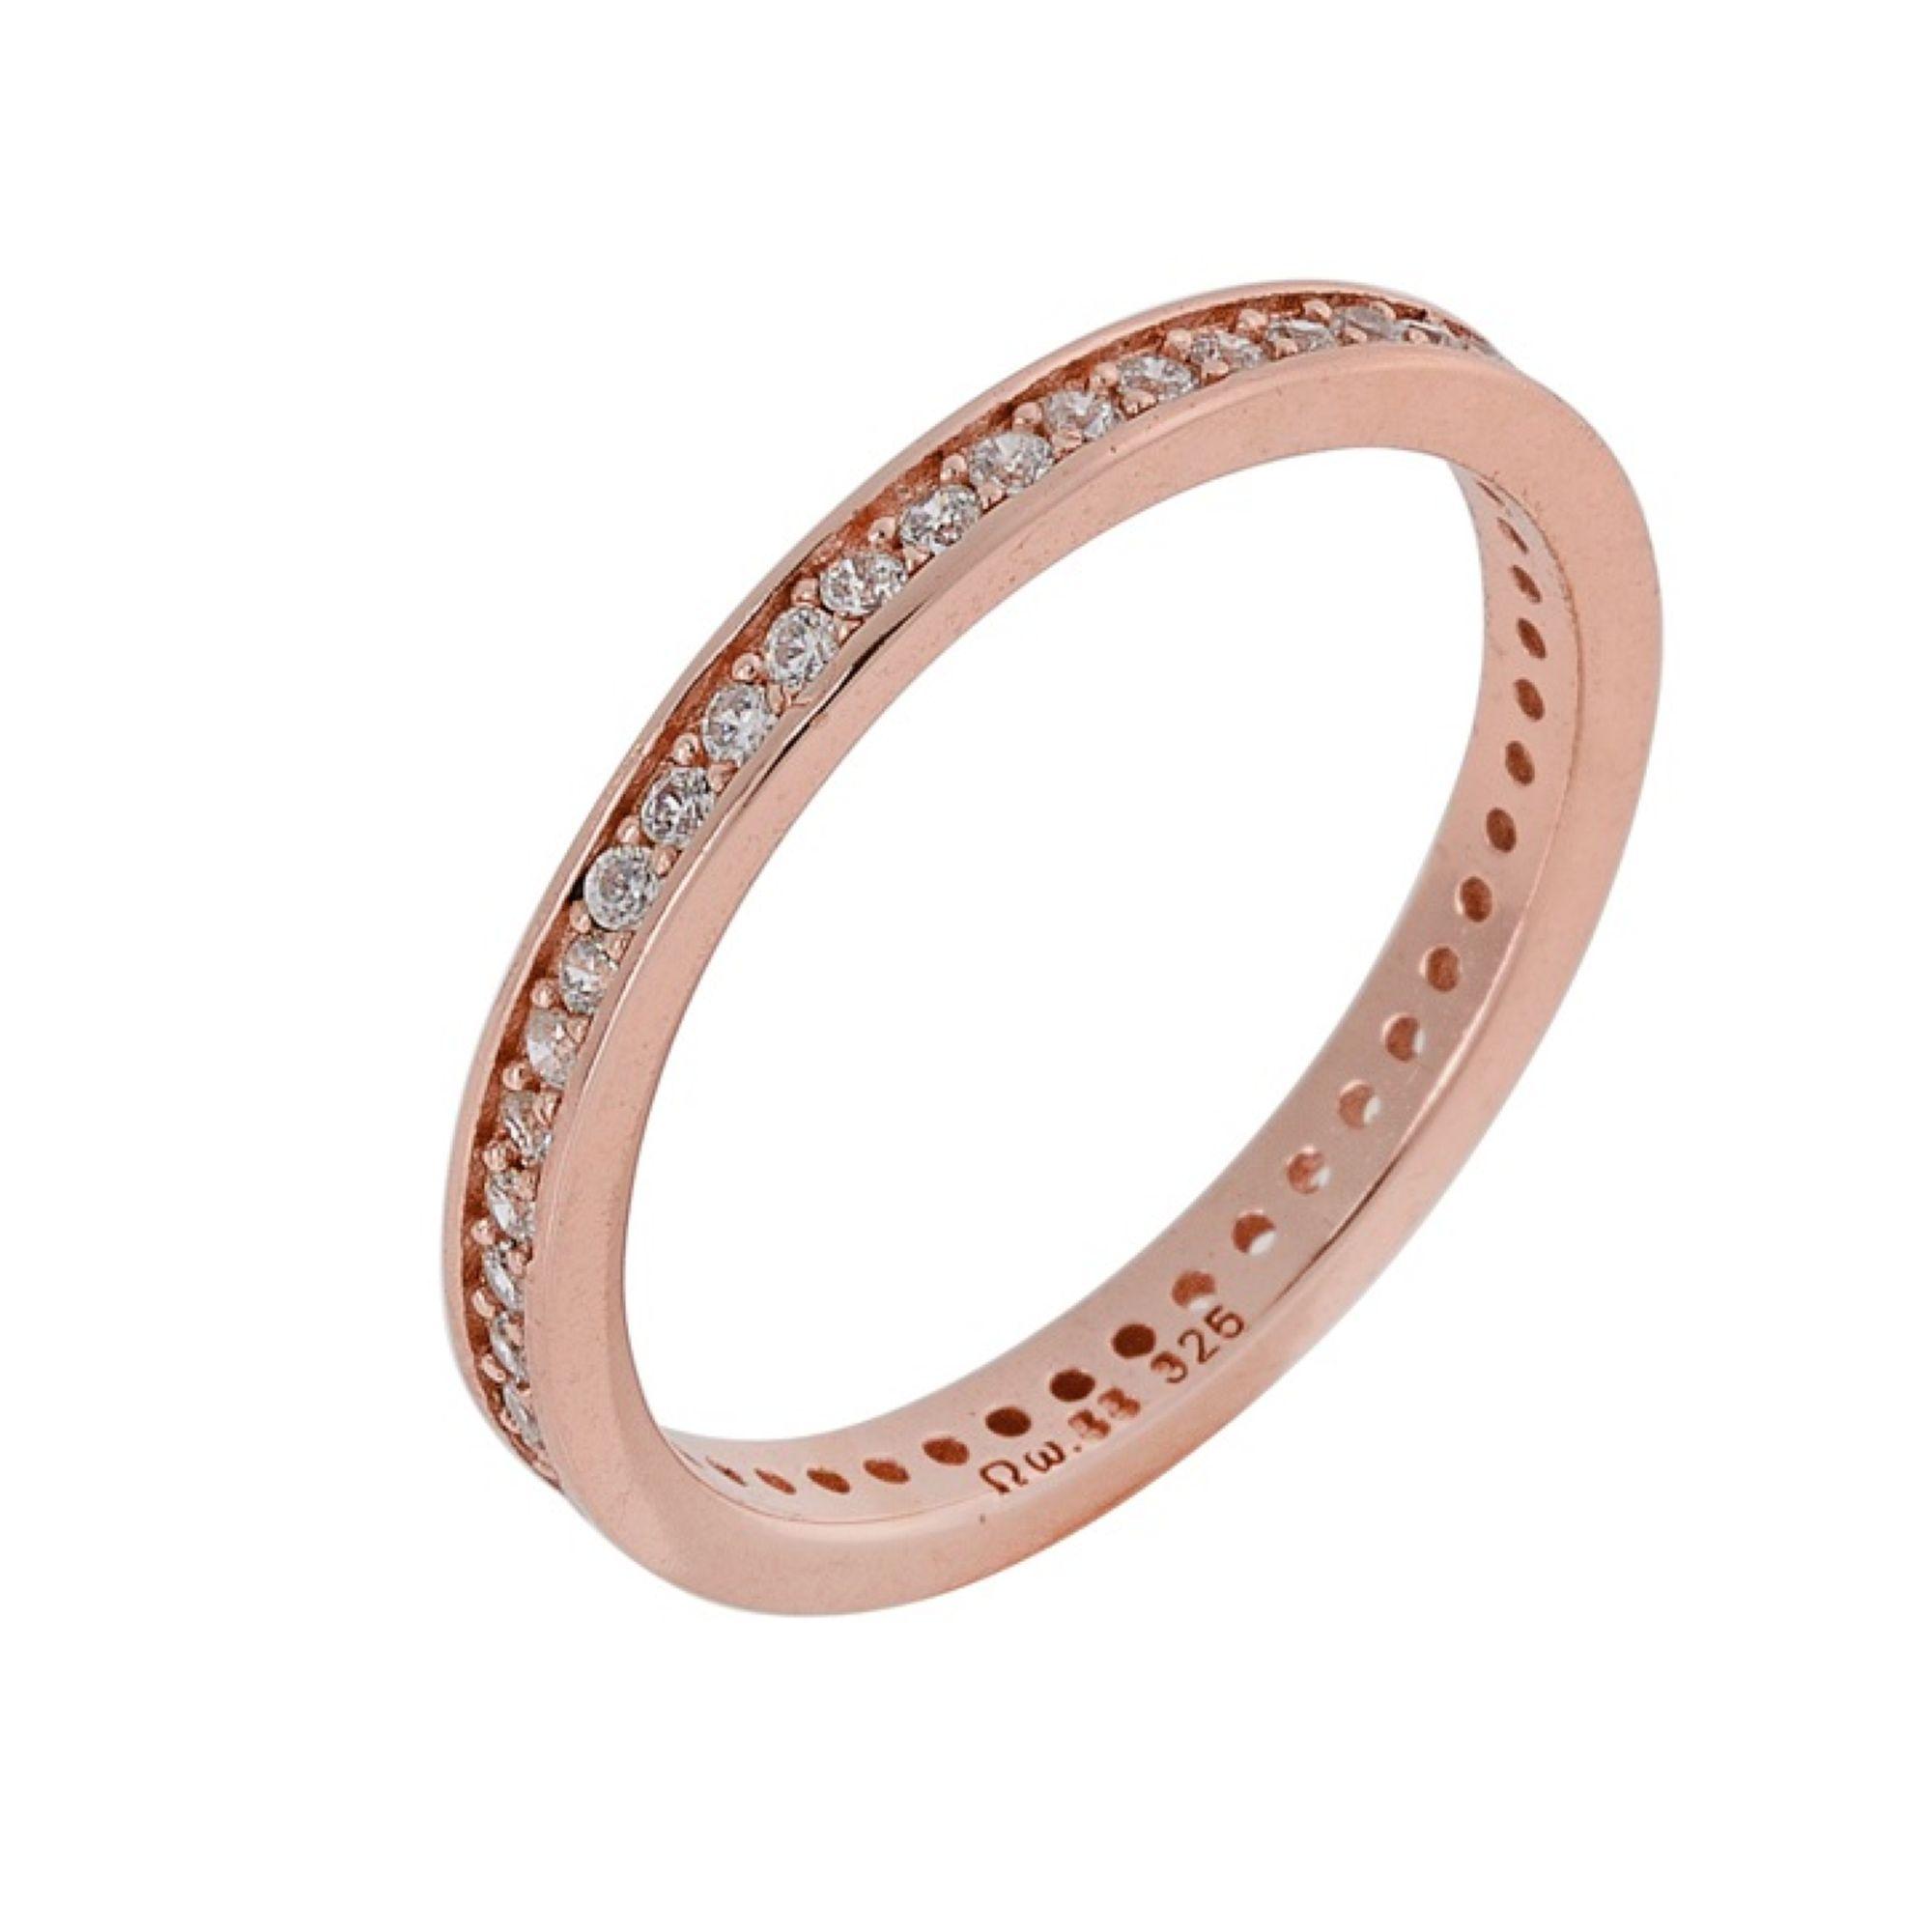 Ασημένιο δαχτυλίδι 925 Σειρέ σε Ροζ Gold